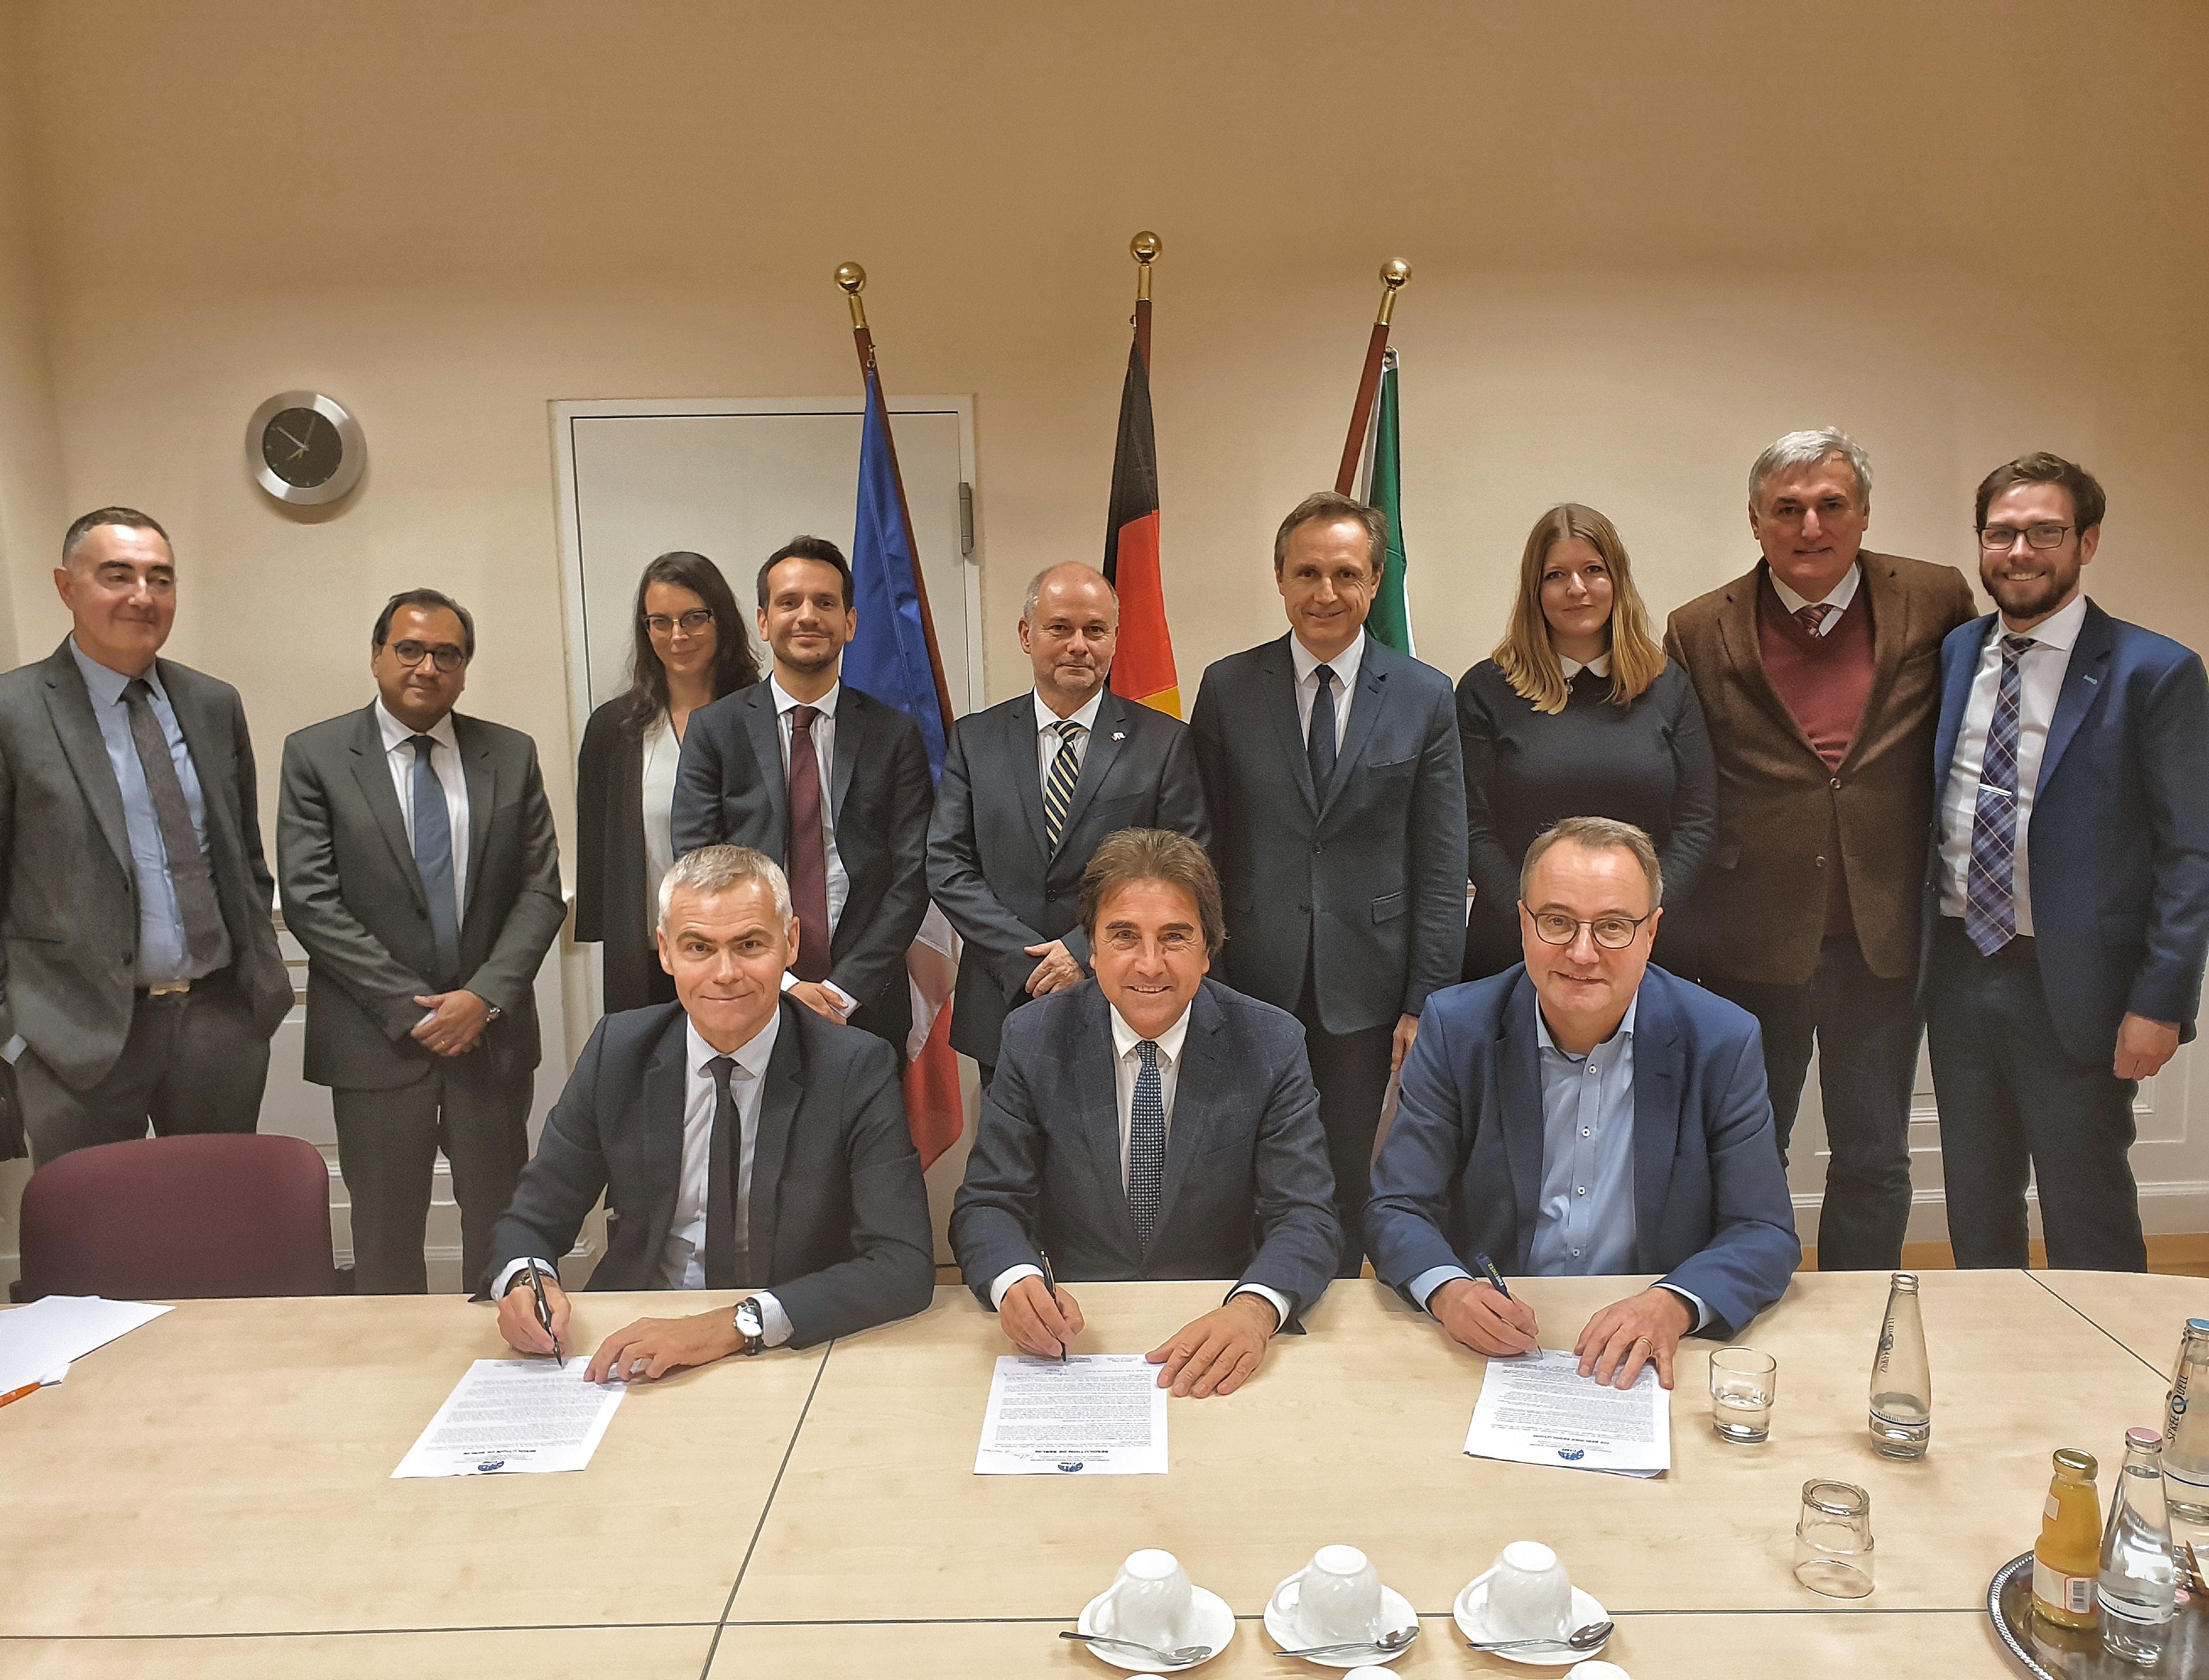 La Confédération européenne des petites villes adopte la résolution de Berlin